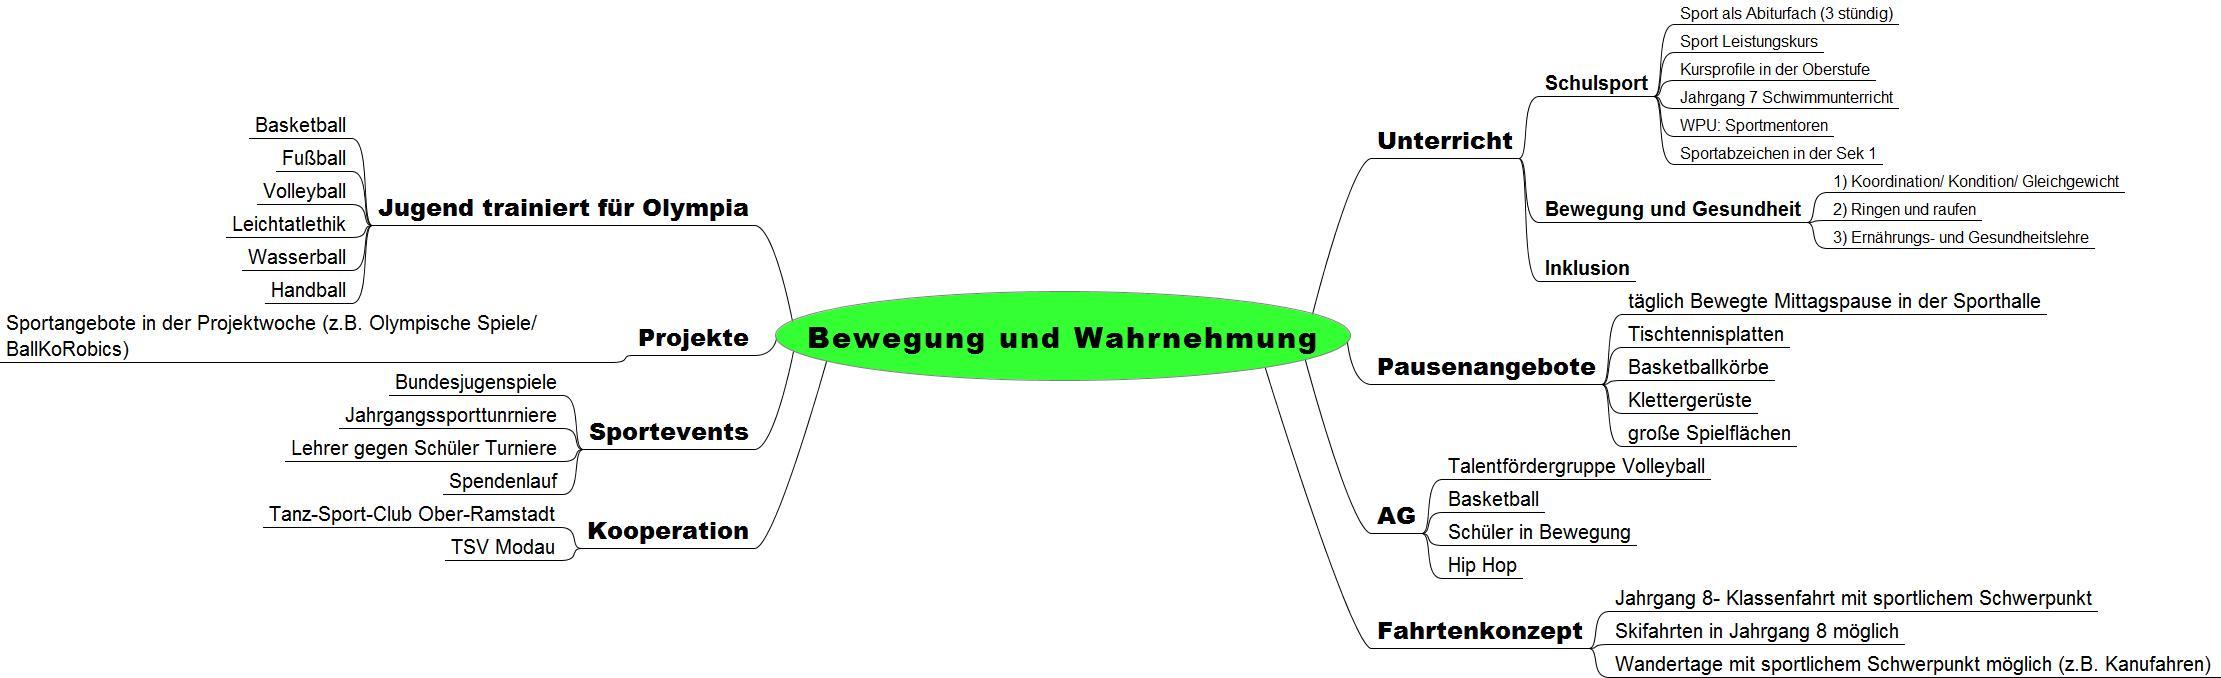 bewegung_und_wahrnehmung